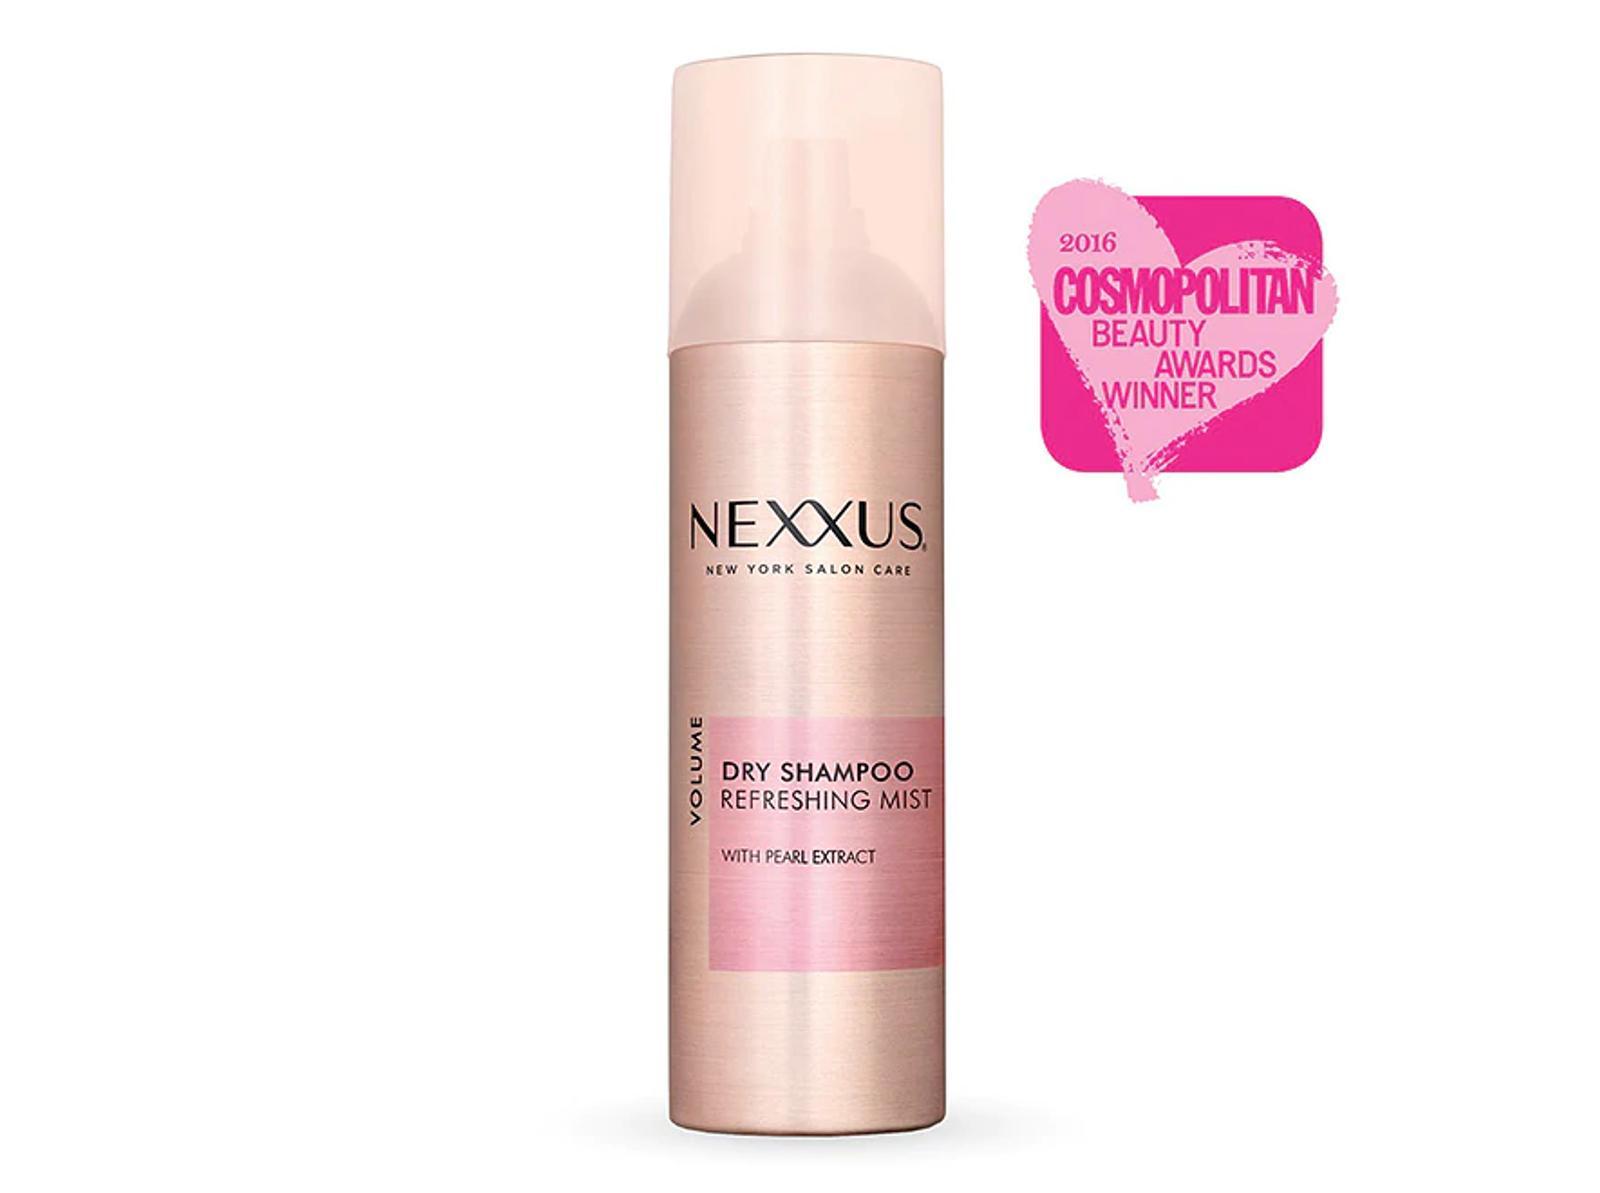 Dry Shampoo Refreshing Mist Product Image